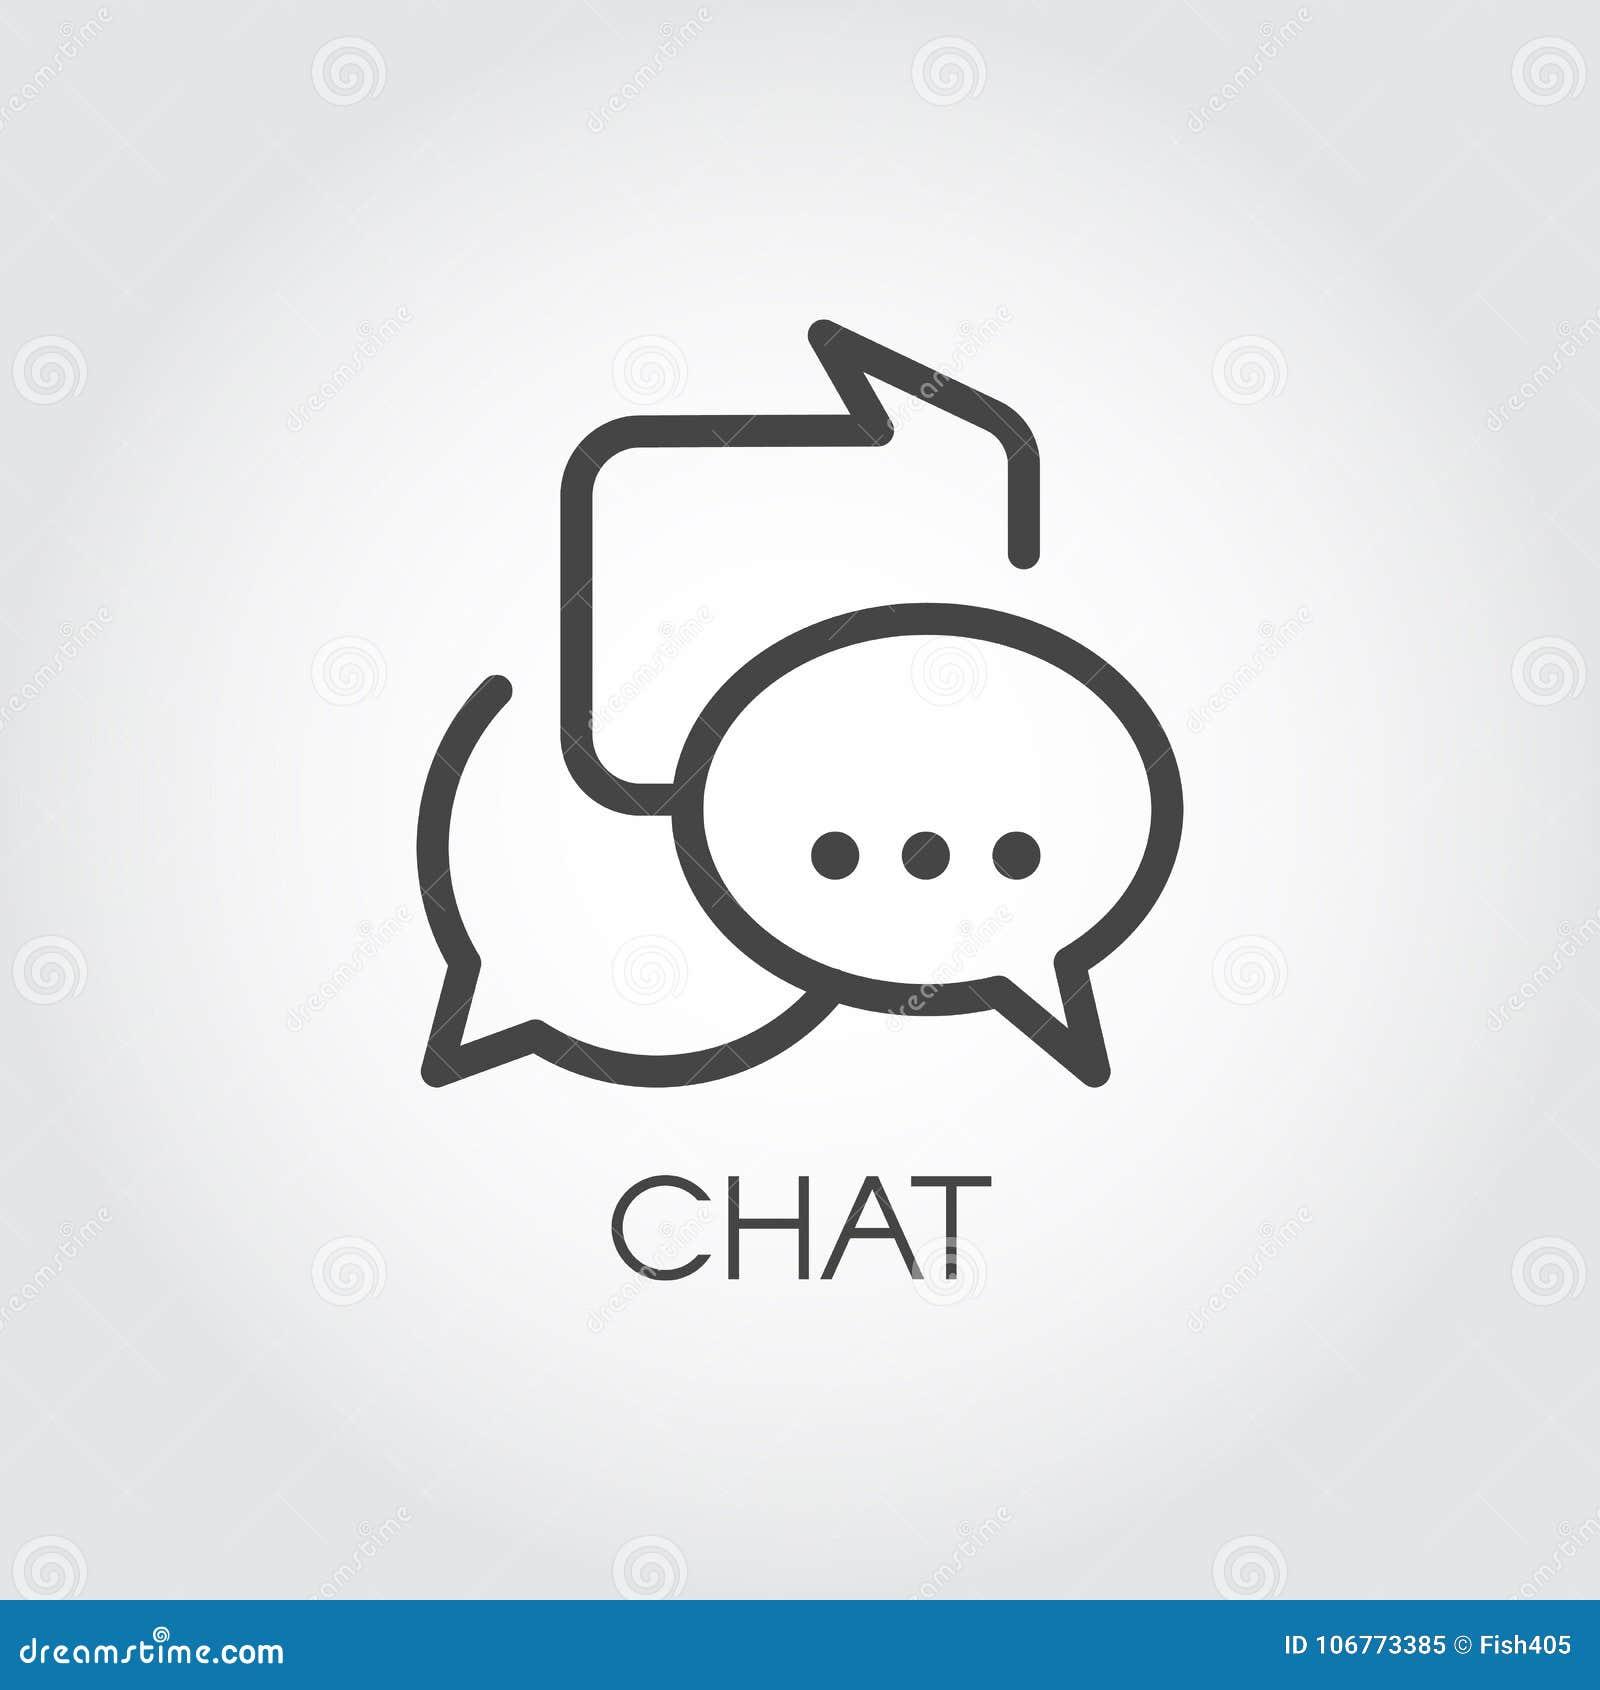 Gawędzenie ikona w konturu stylu Dialog mowy konturu bąble Wiadomości lub rozmowa kreskowy piktograf UI element